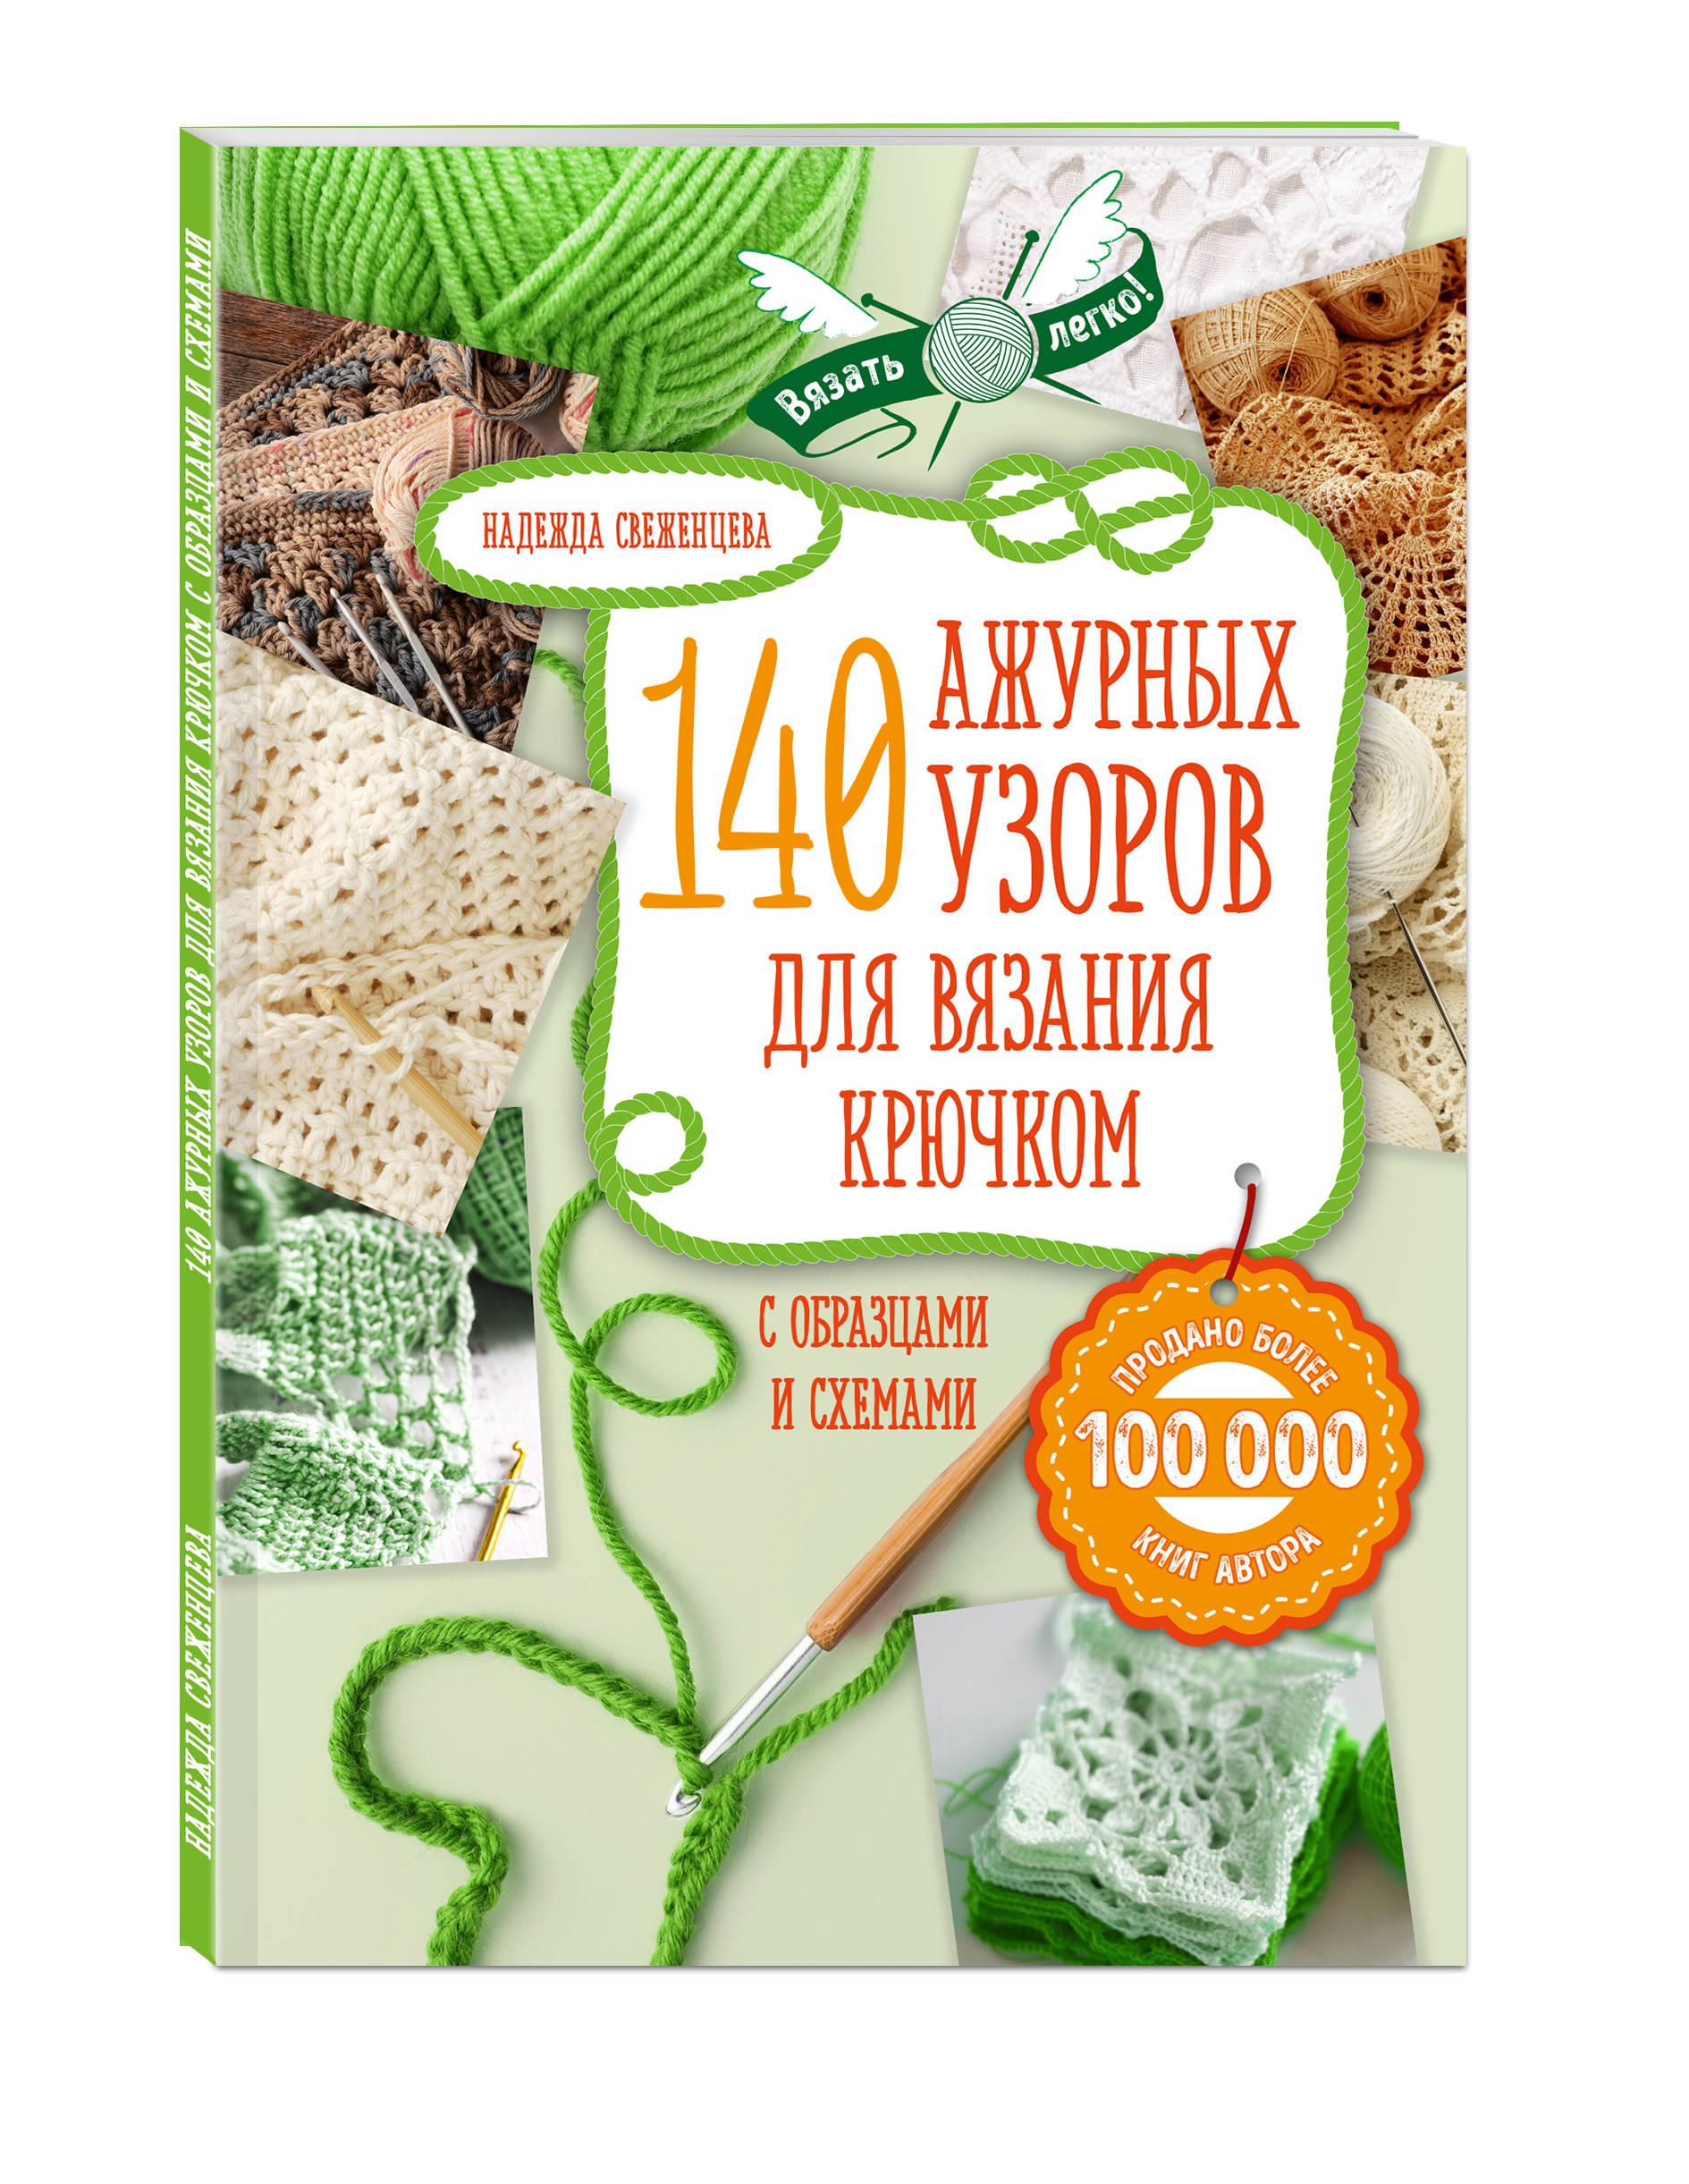 Ажур. 140 лучших узоров для вязания крючком с образцами и схемами ( Свеженцева Н.А.  )